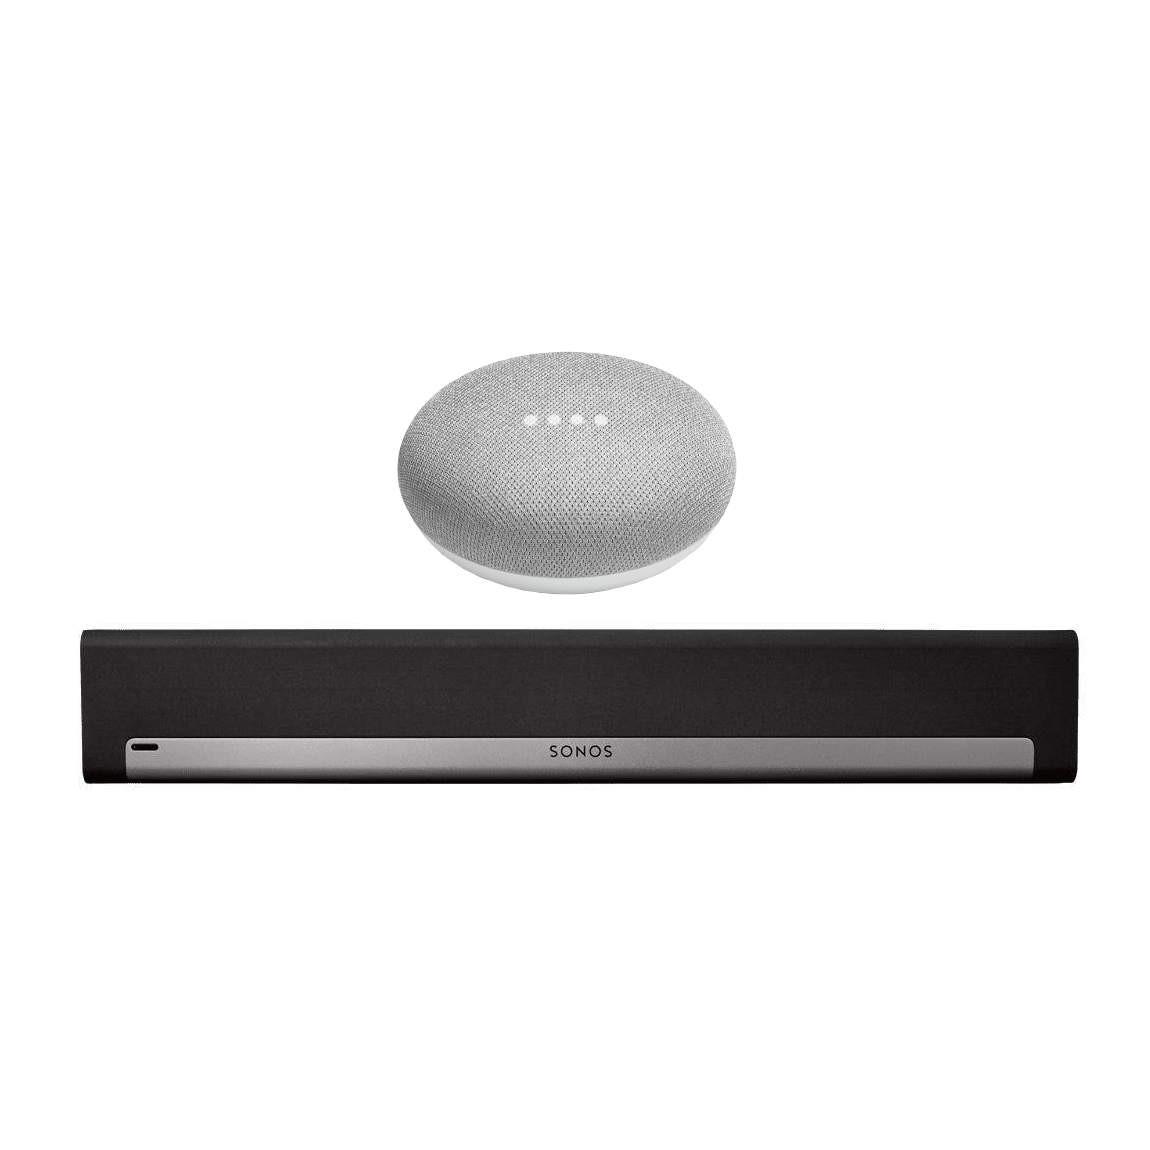 Sonos PLAYBAR + gratis Google Home Mini